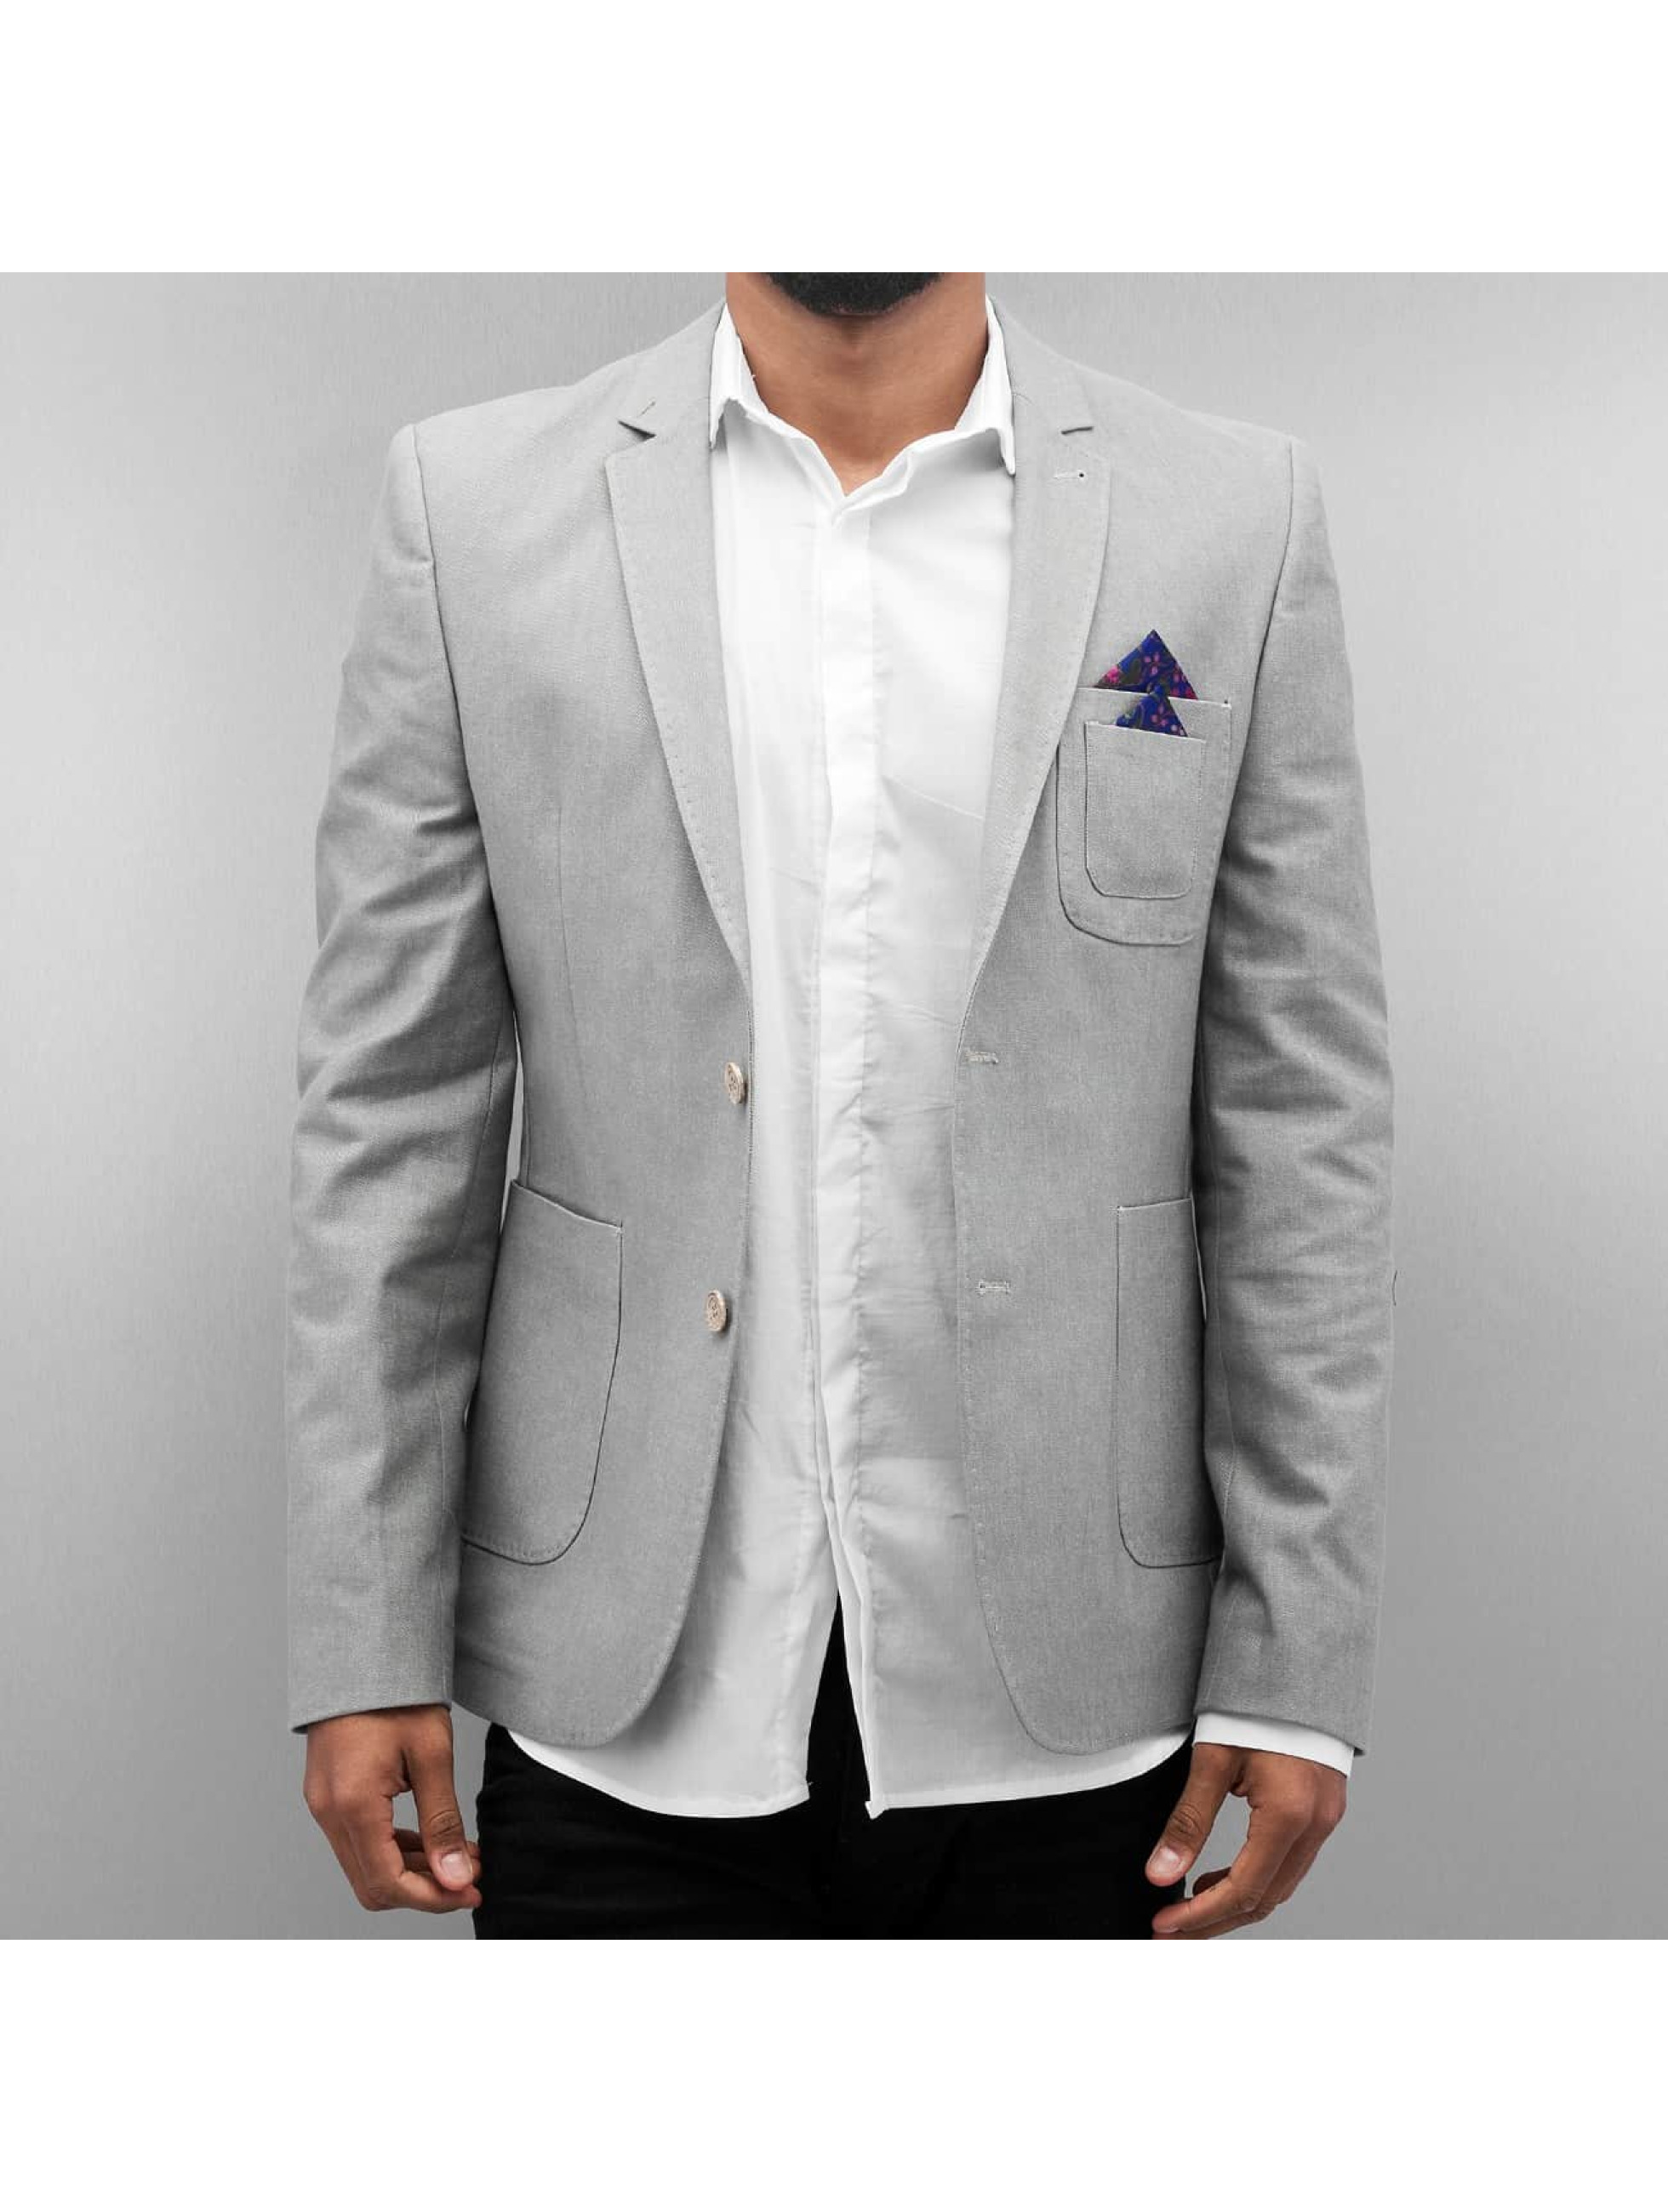 Open Coat/Jacket-1 Basic gray